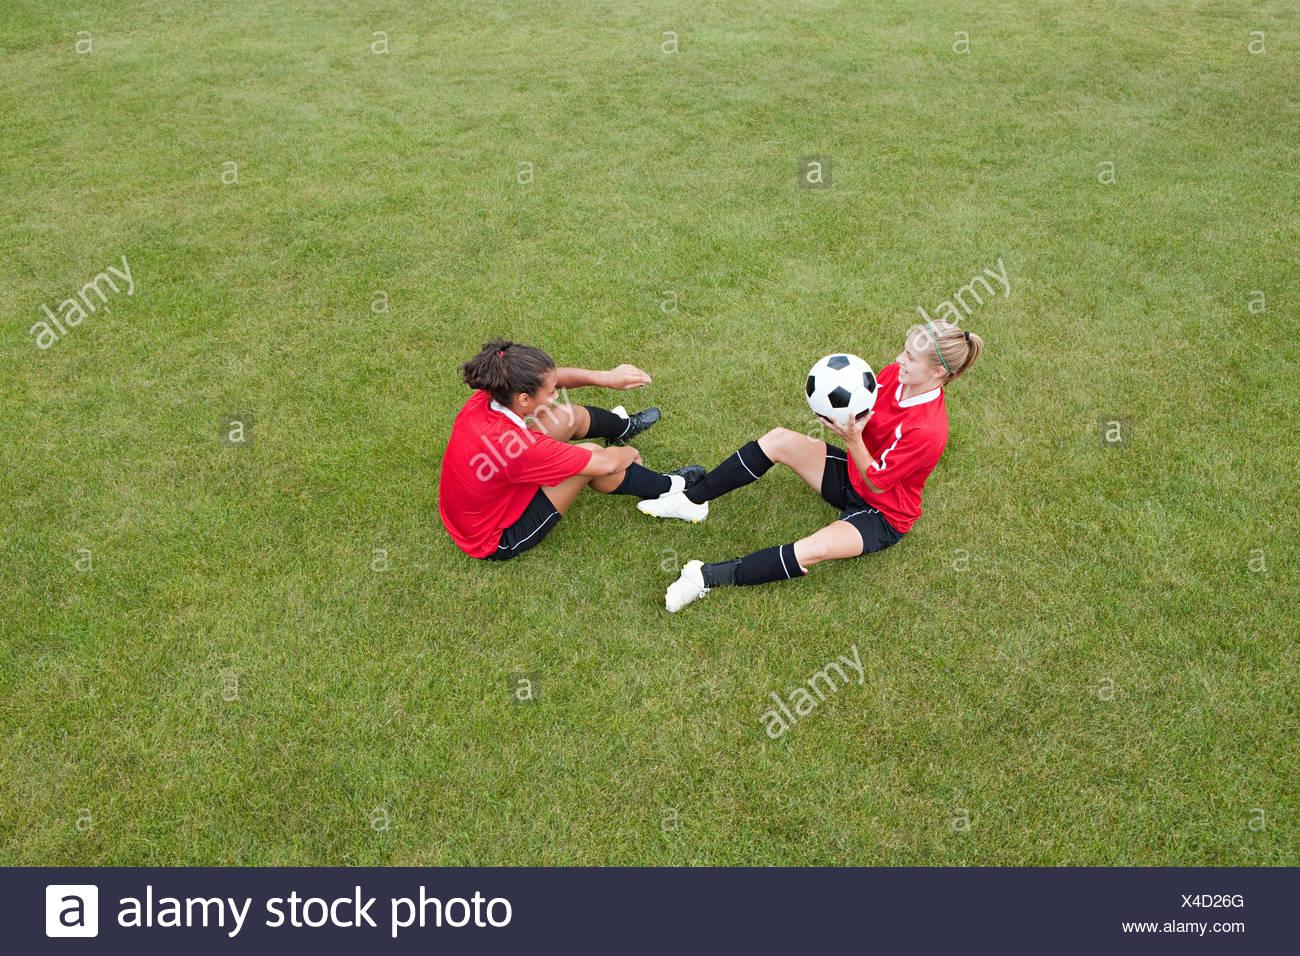 Girls doing soccer practice - Stock Image